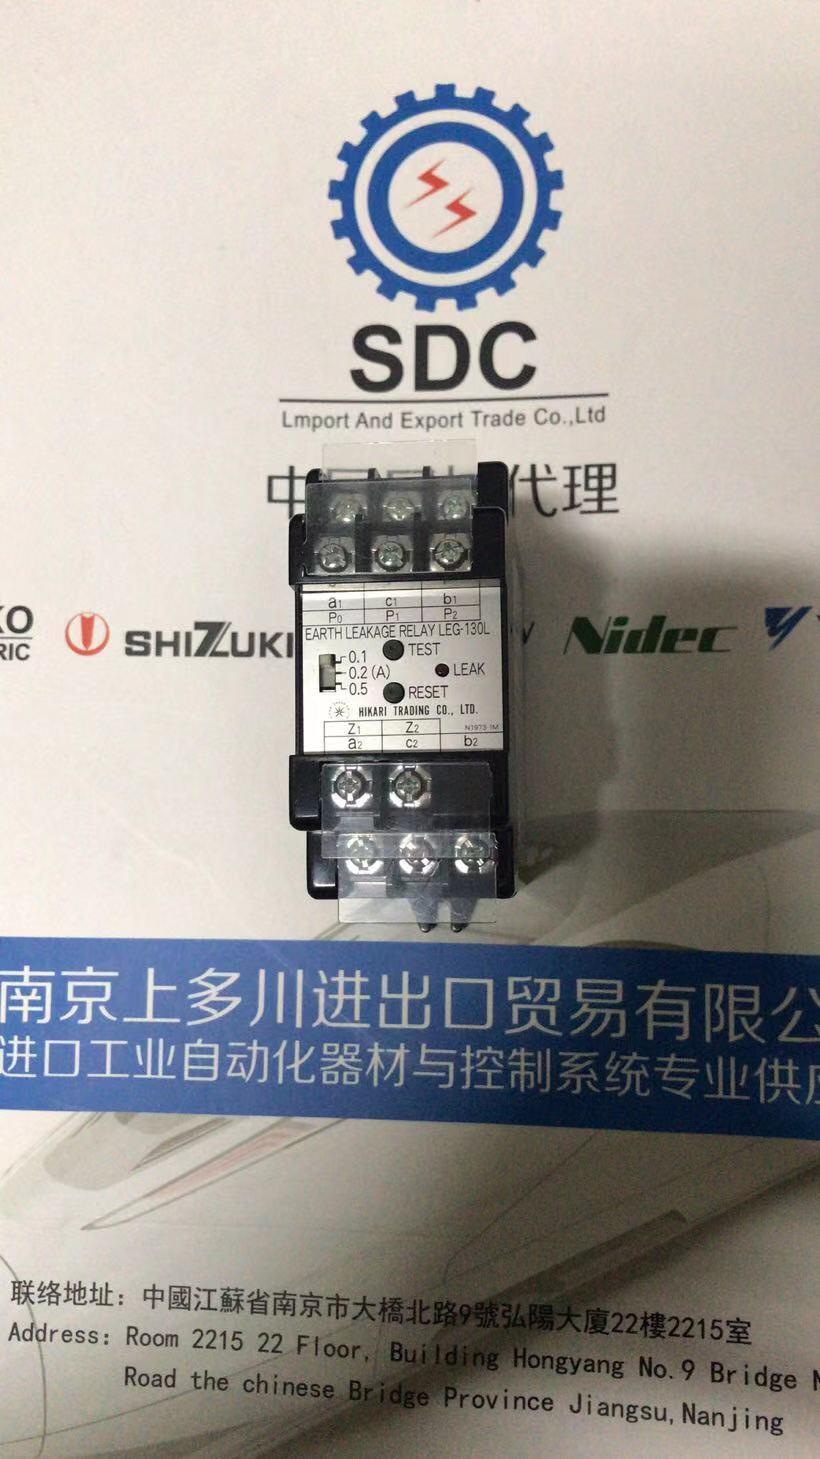 HIKARITRADING光商工提供_光商工高压漏电保护继电器LC-9公司